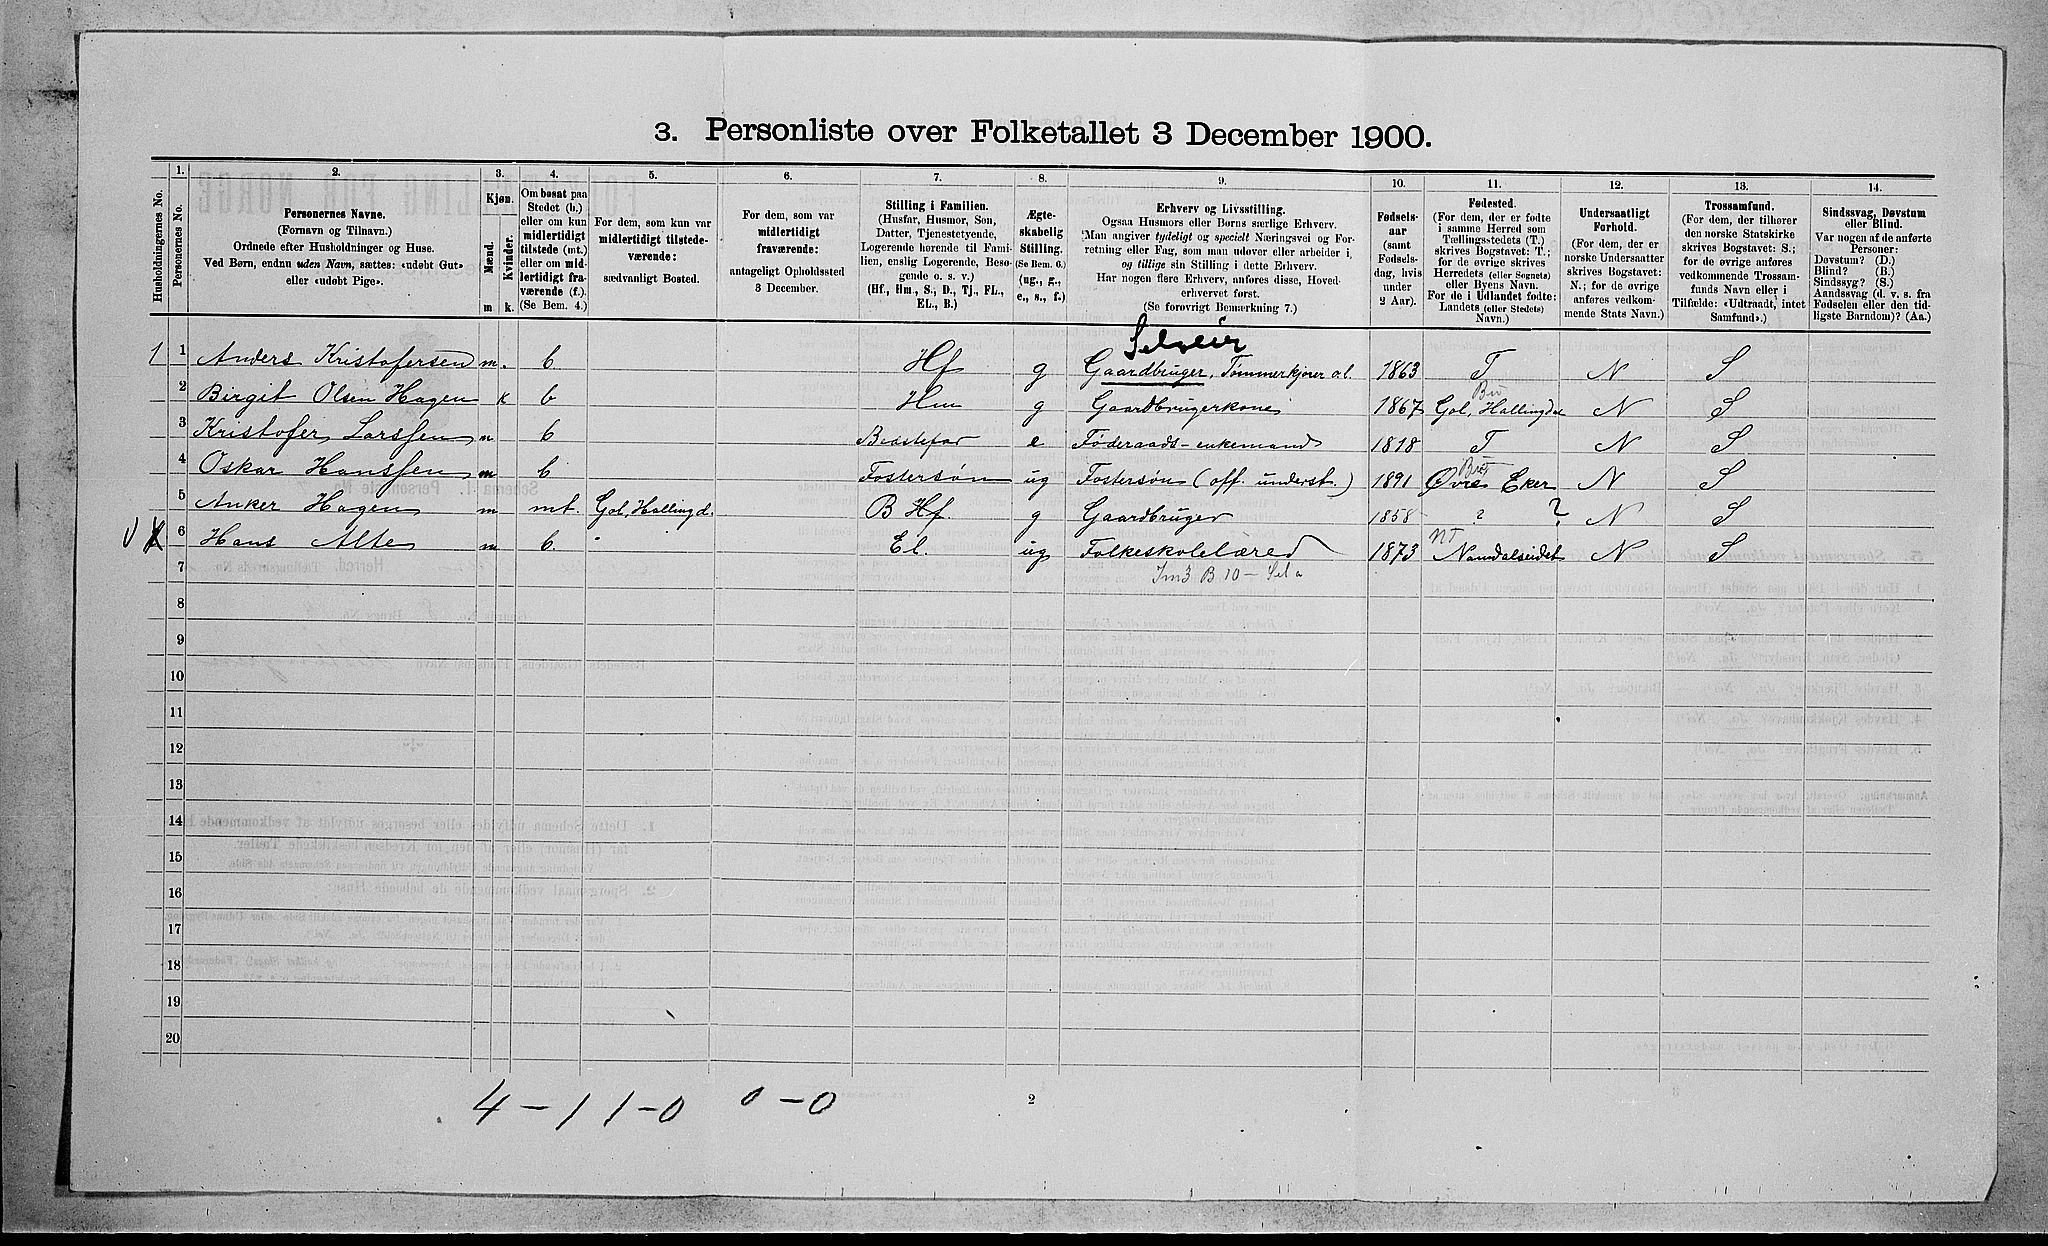 RA, Folketelling 1900 for 0625 Nedre Eiker herred, 1900, s. 257